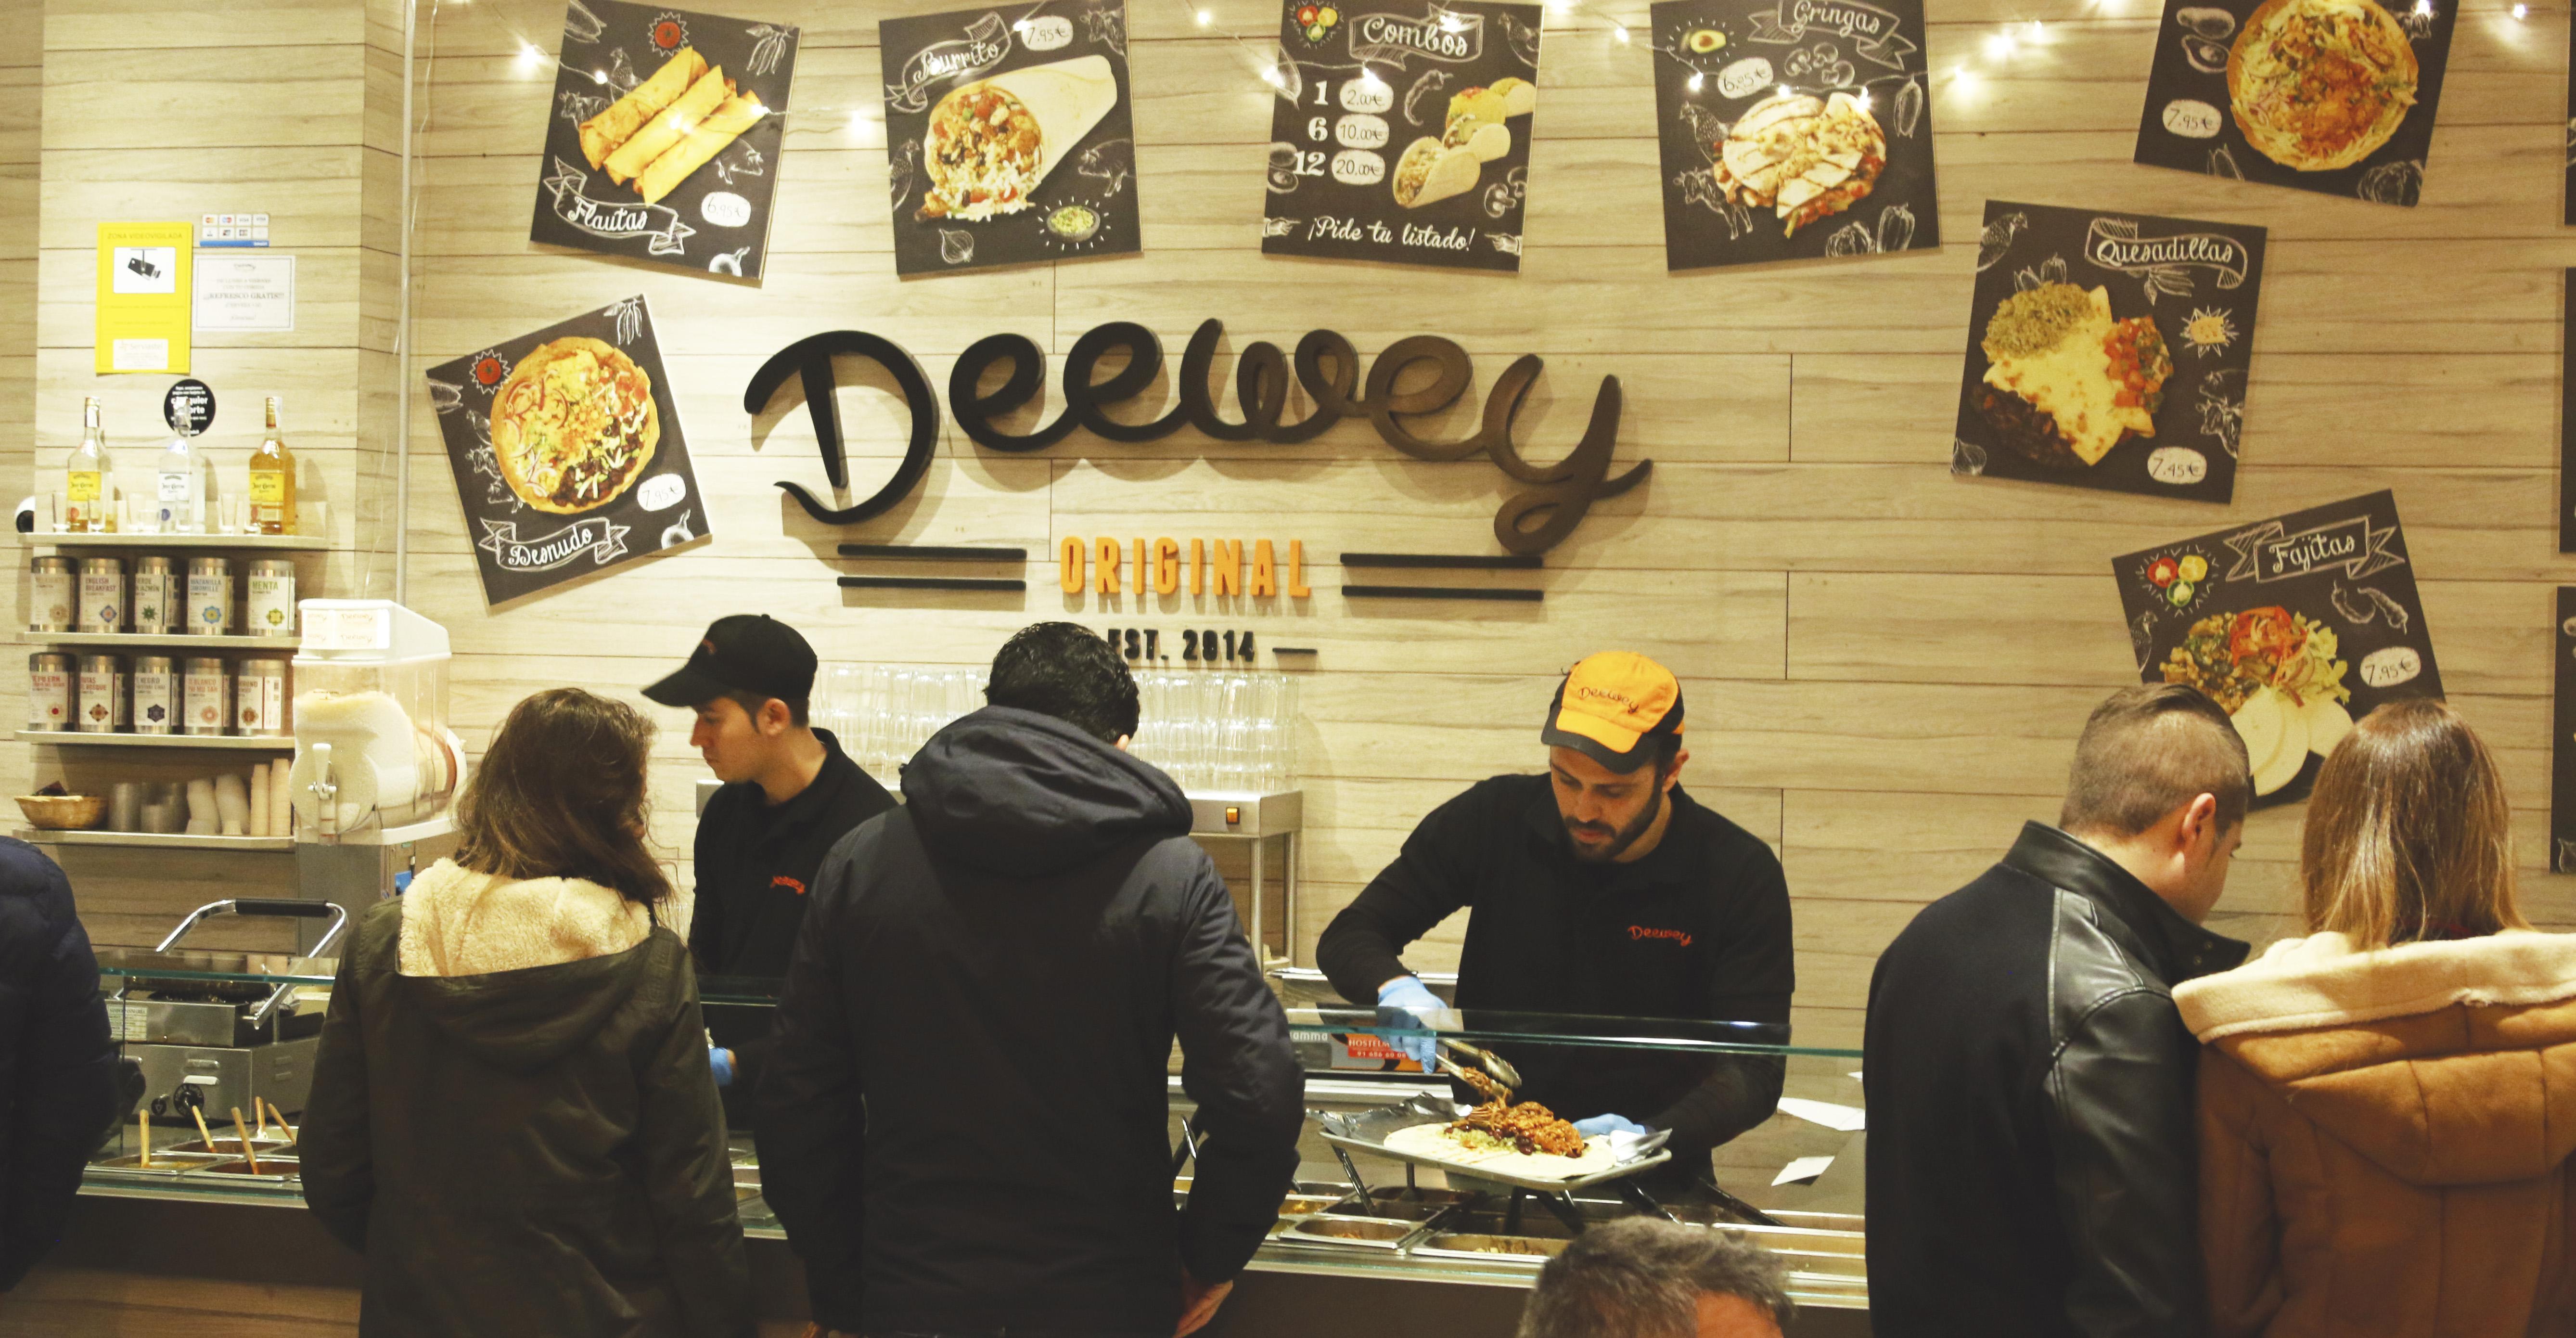 Enseña de comida latina Deewey